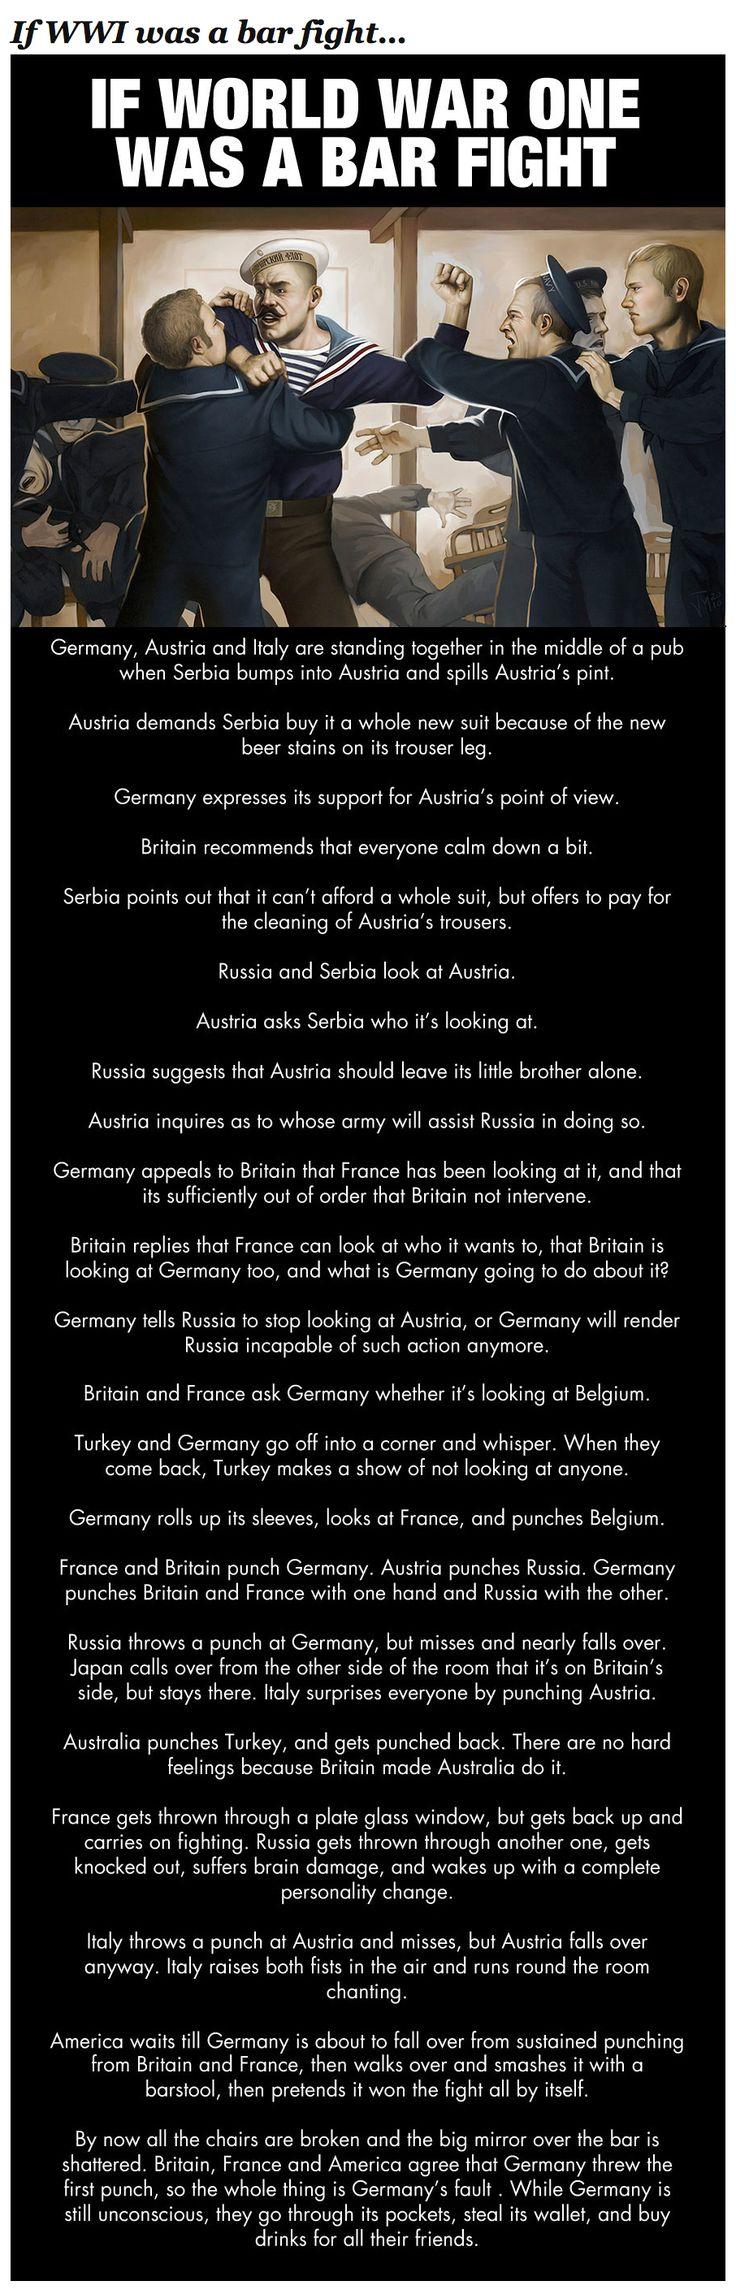 If World War II was a Bar Fight...